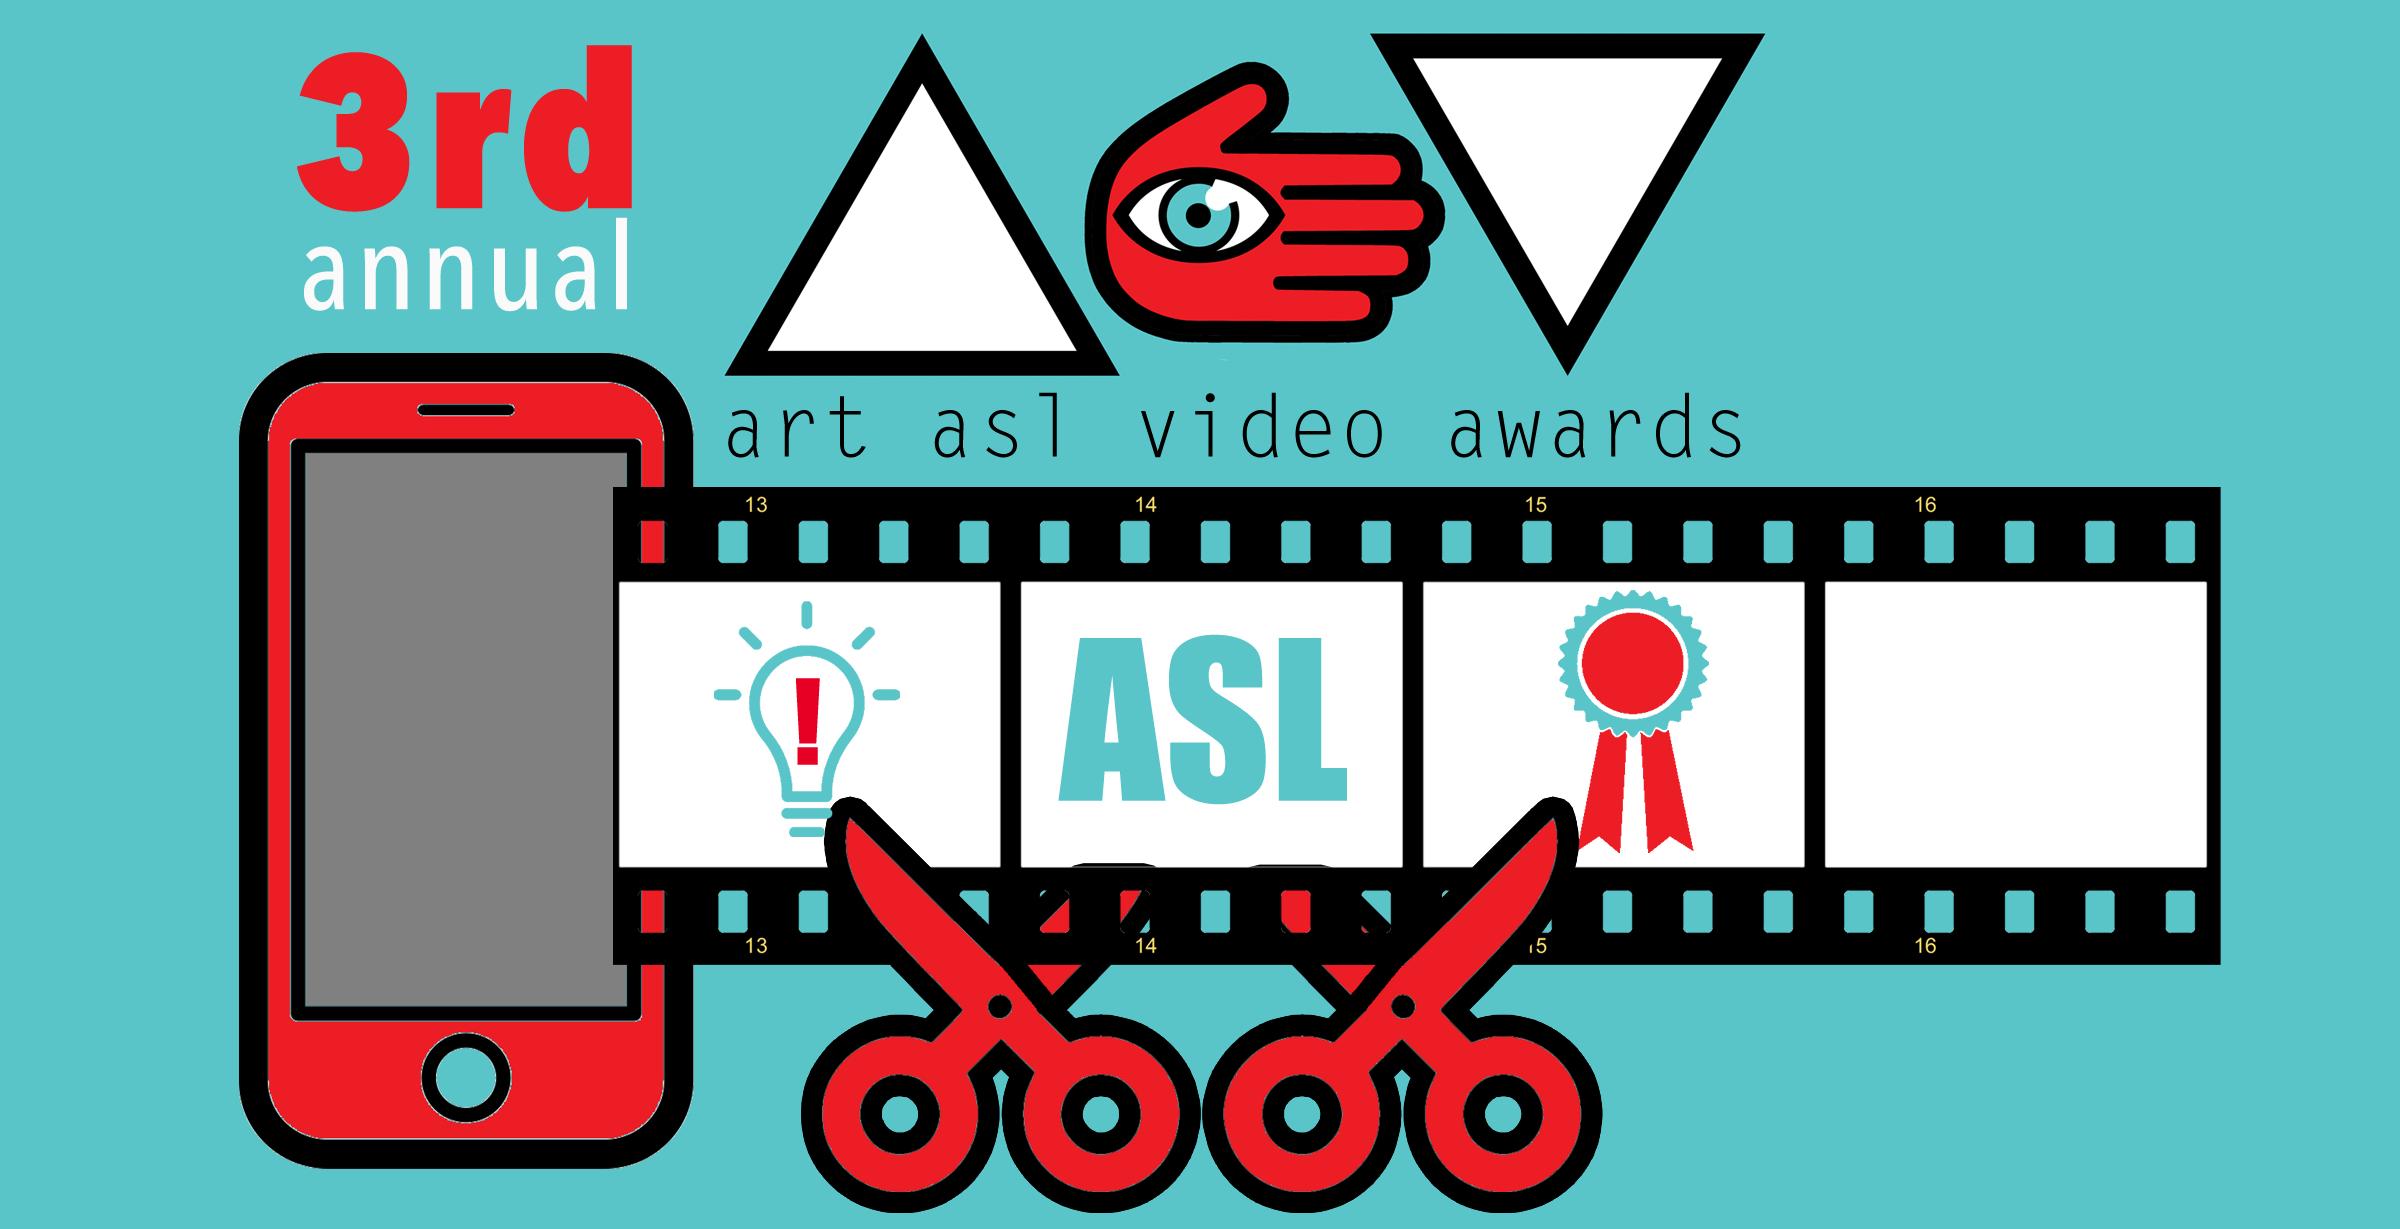 Art ASL Video